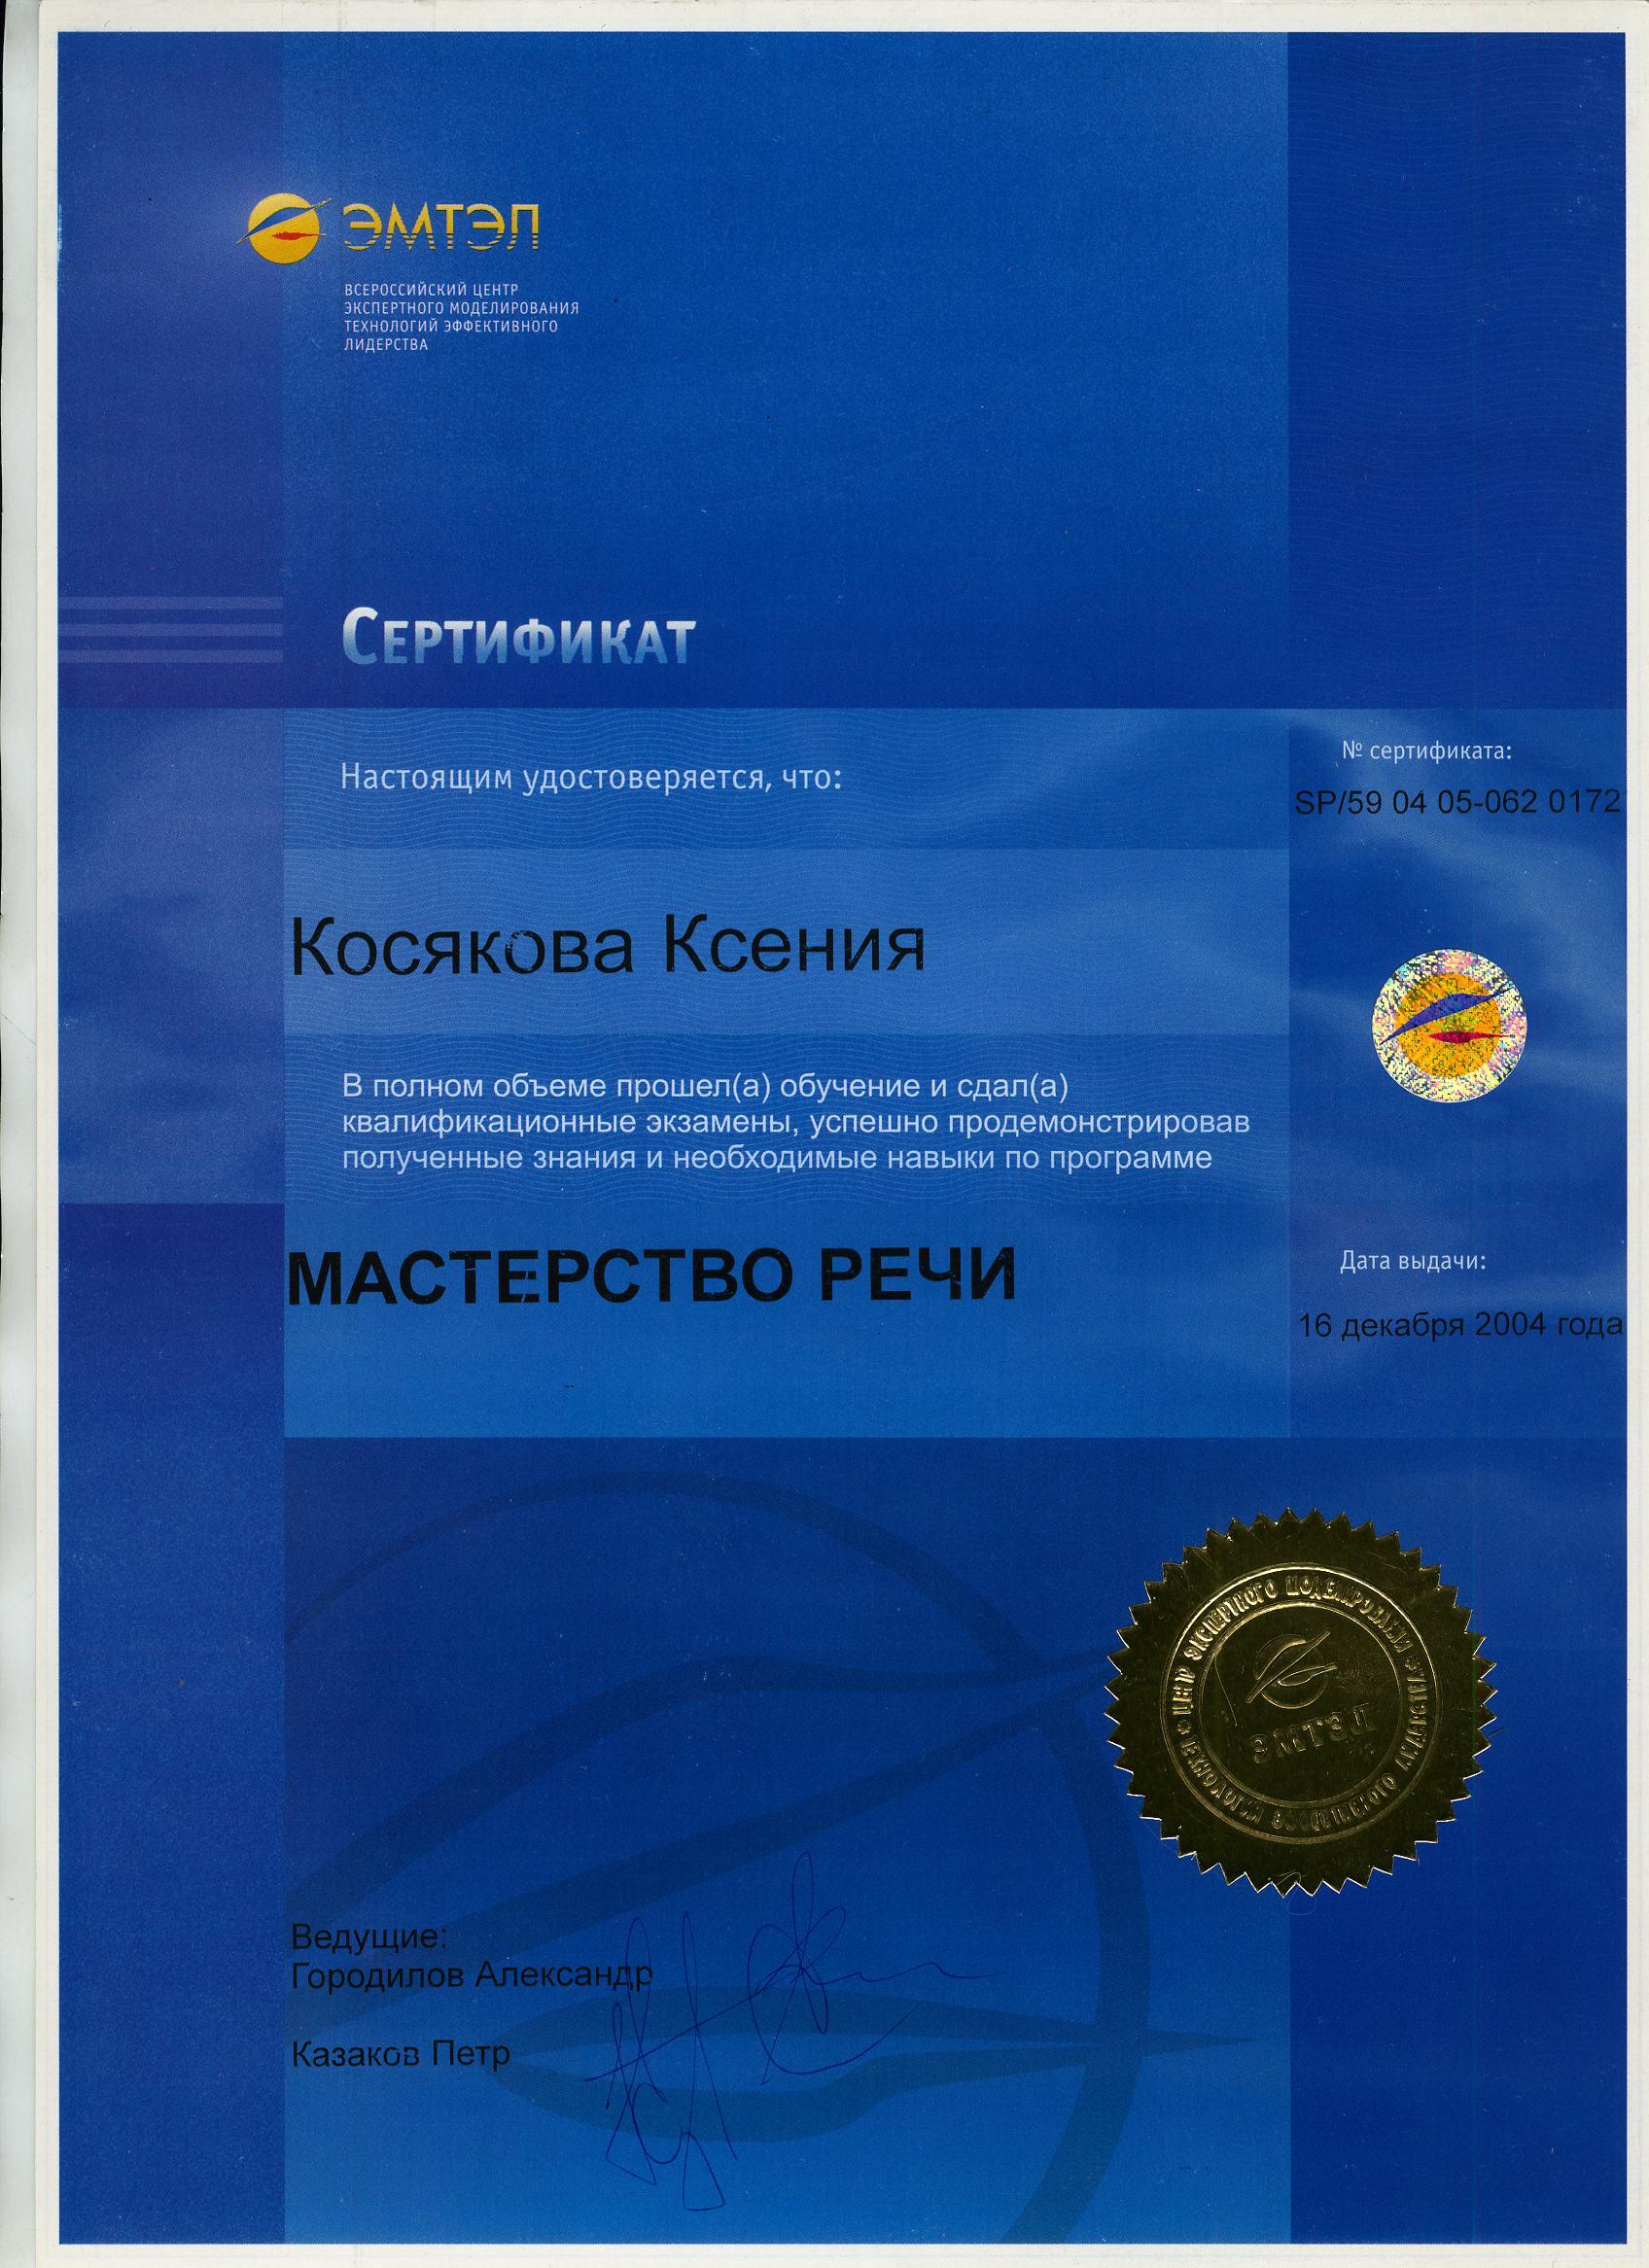 Сертификаты Ксении Шварц 9